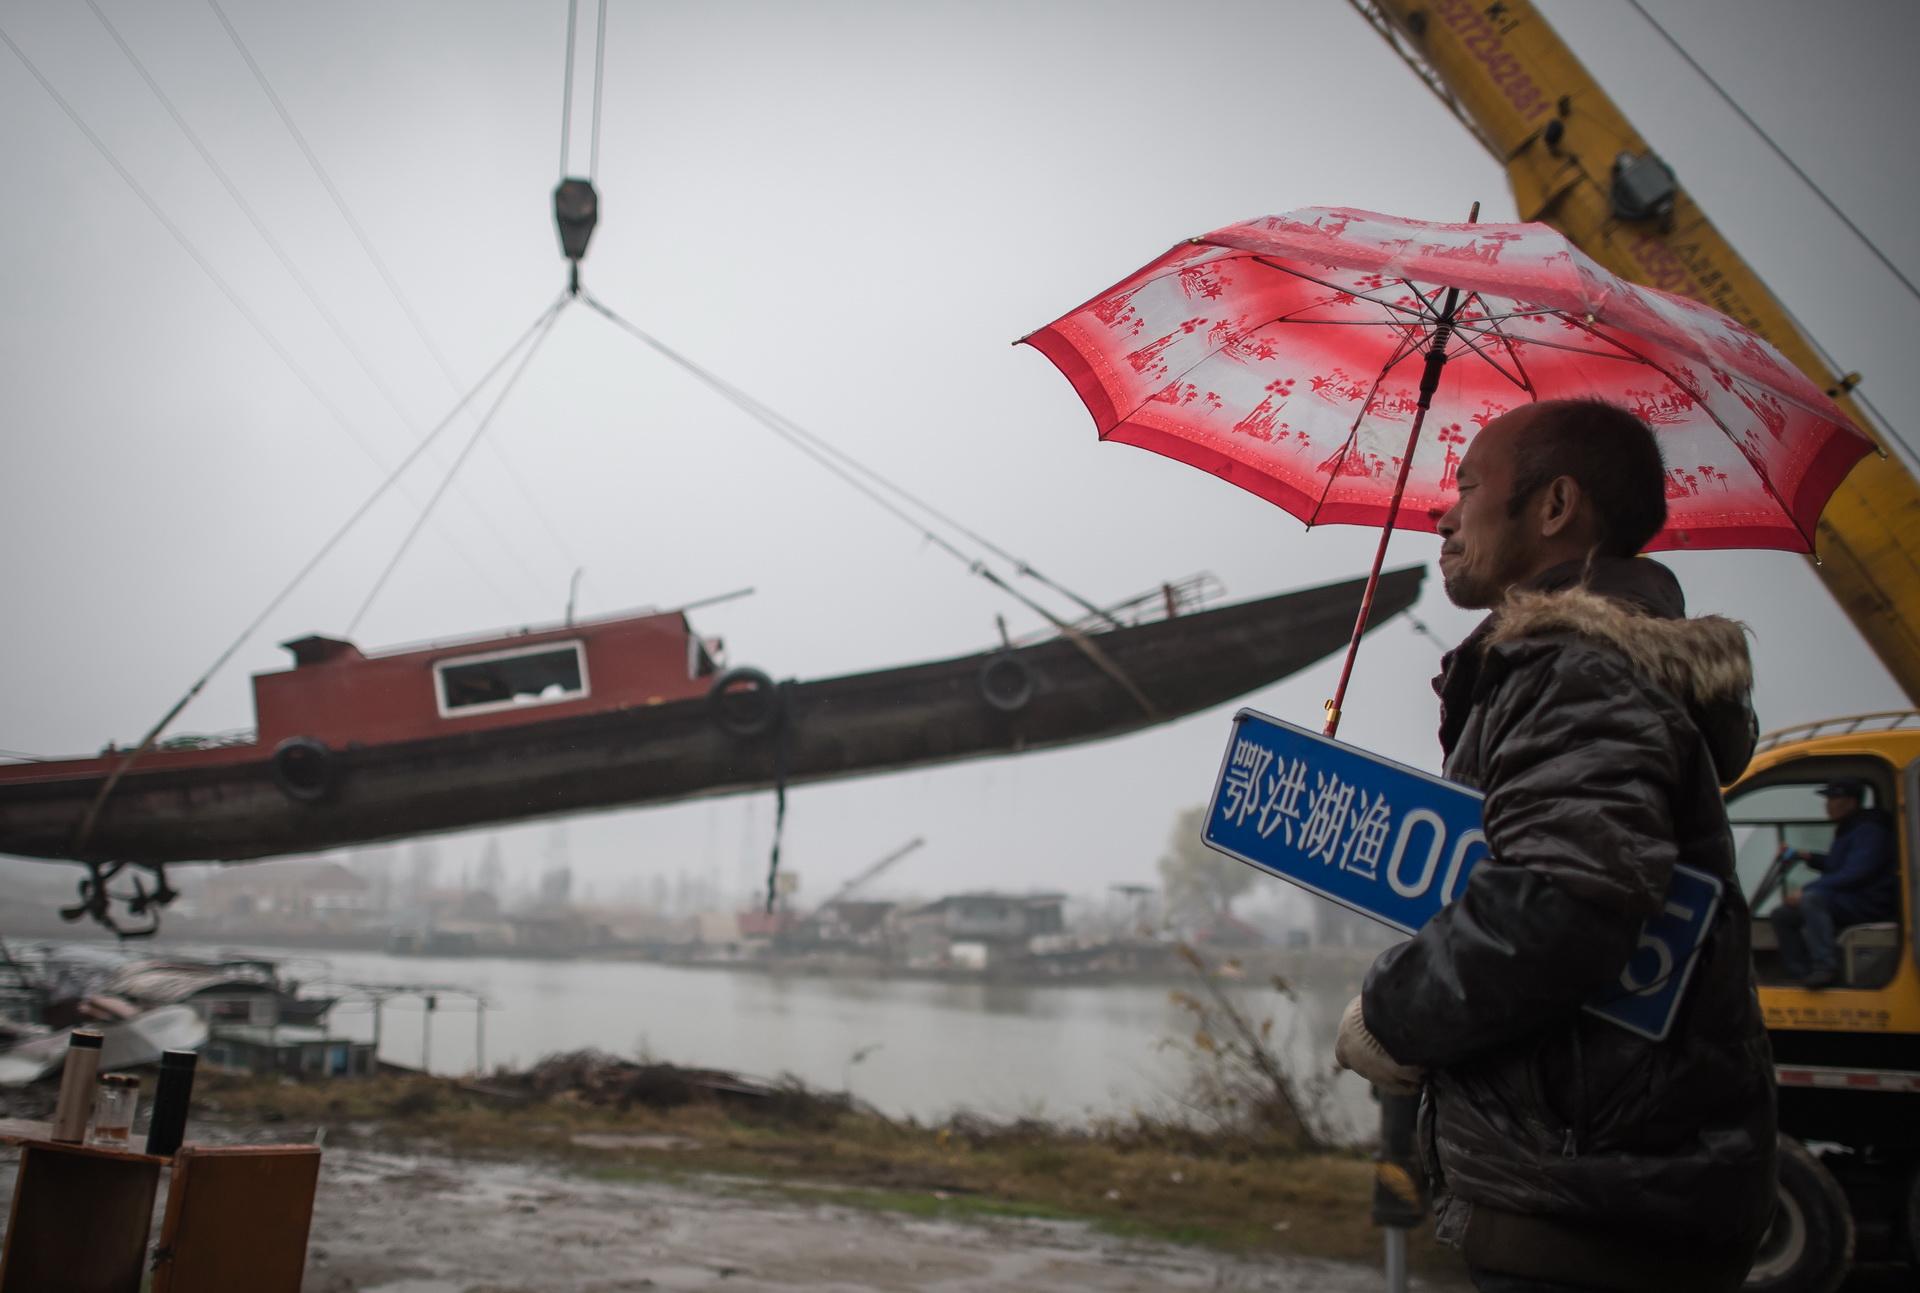 在长江新螺段白�D豚国家级自然保护区渔船拆解现场,长江捕捞村渔民夏明星注视着被吊起的渔船,他手上的渔船编号牌也即将被收回(2019年12月25日摄)。